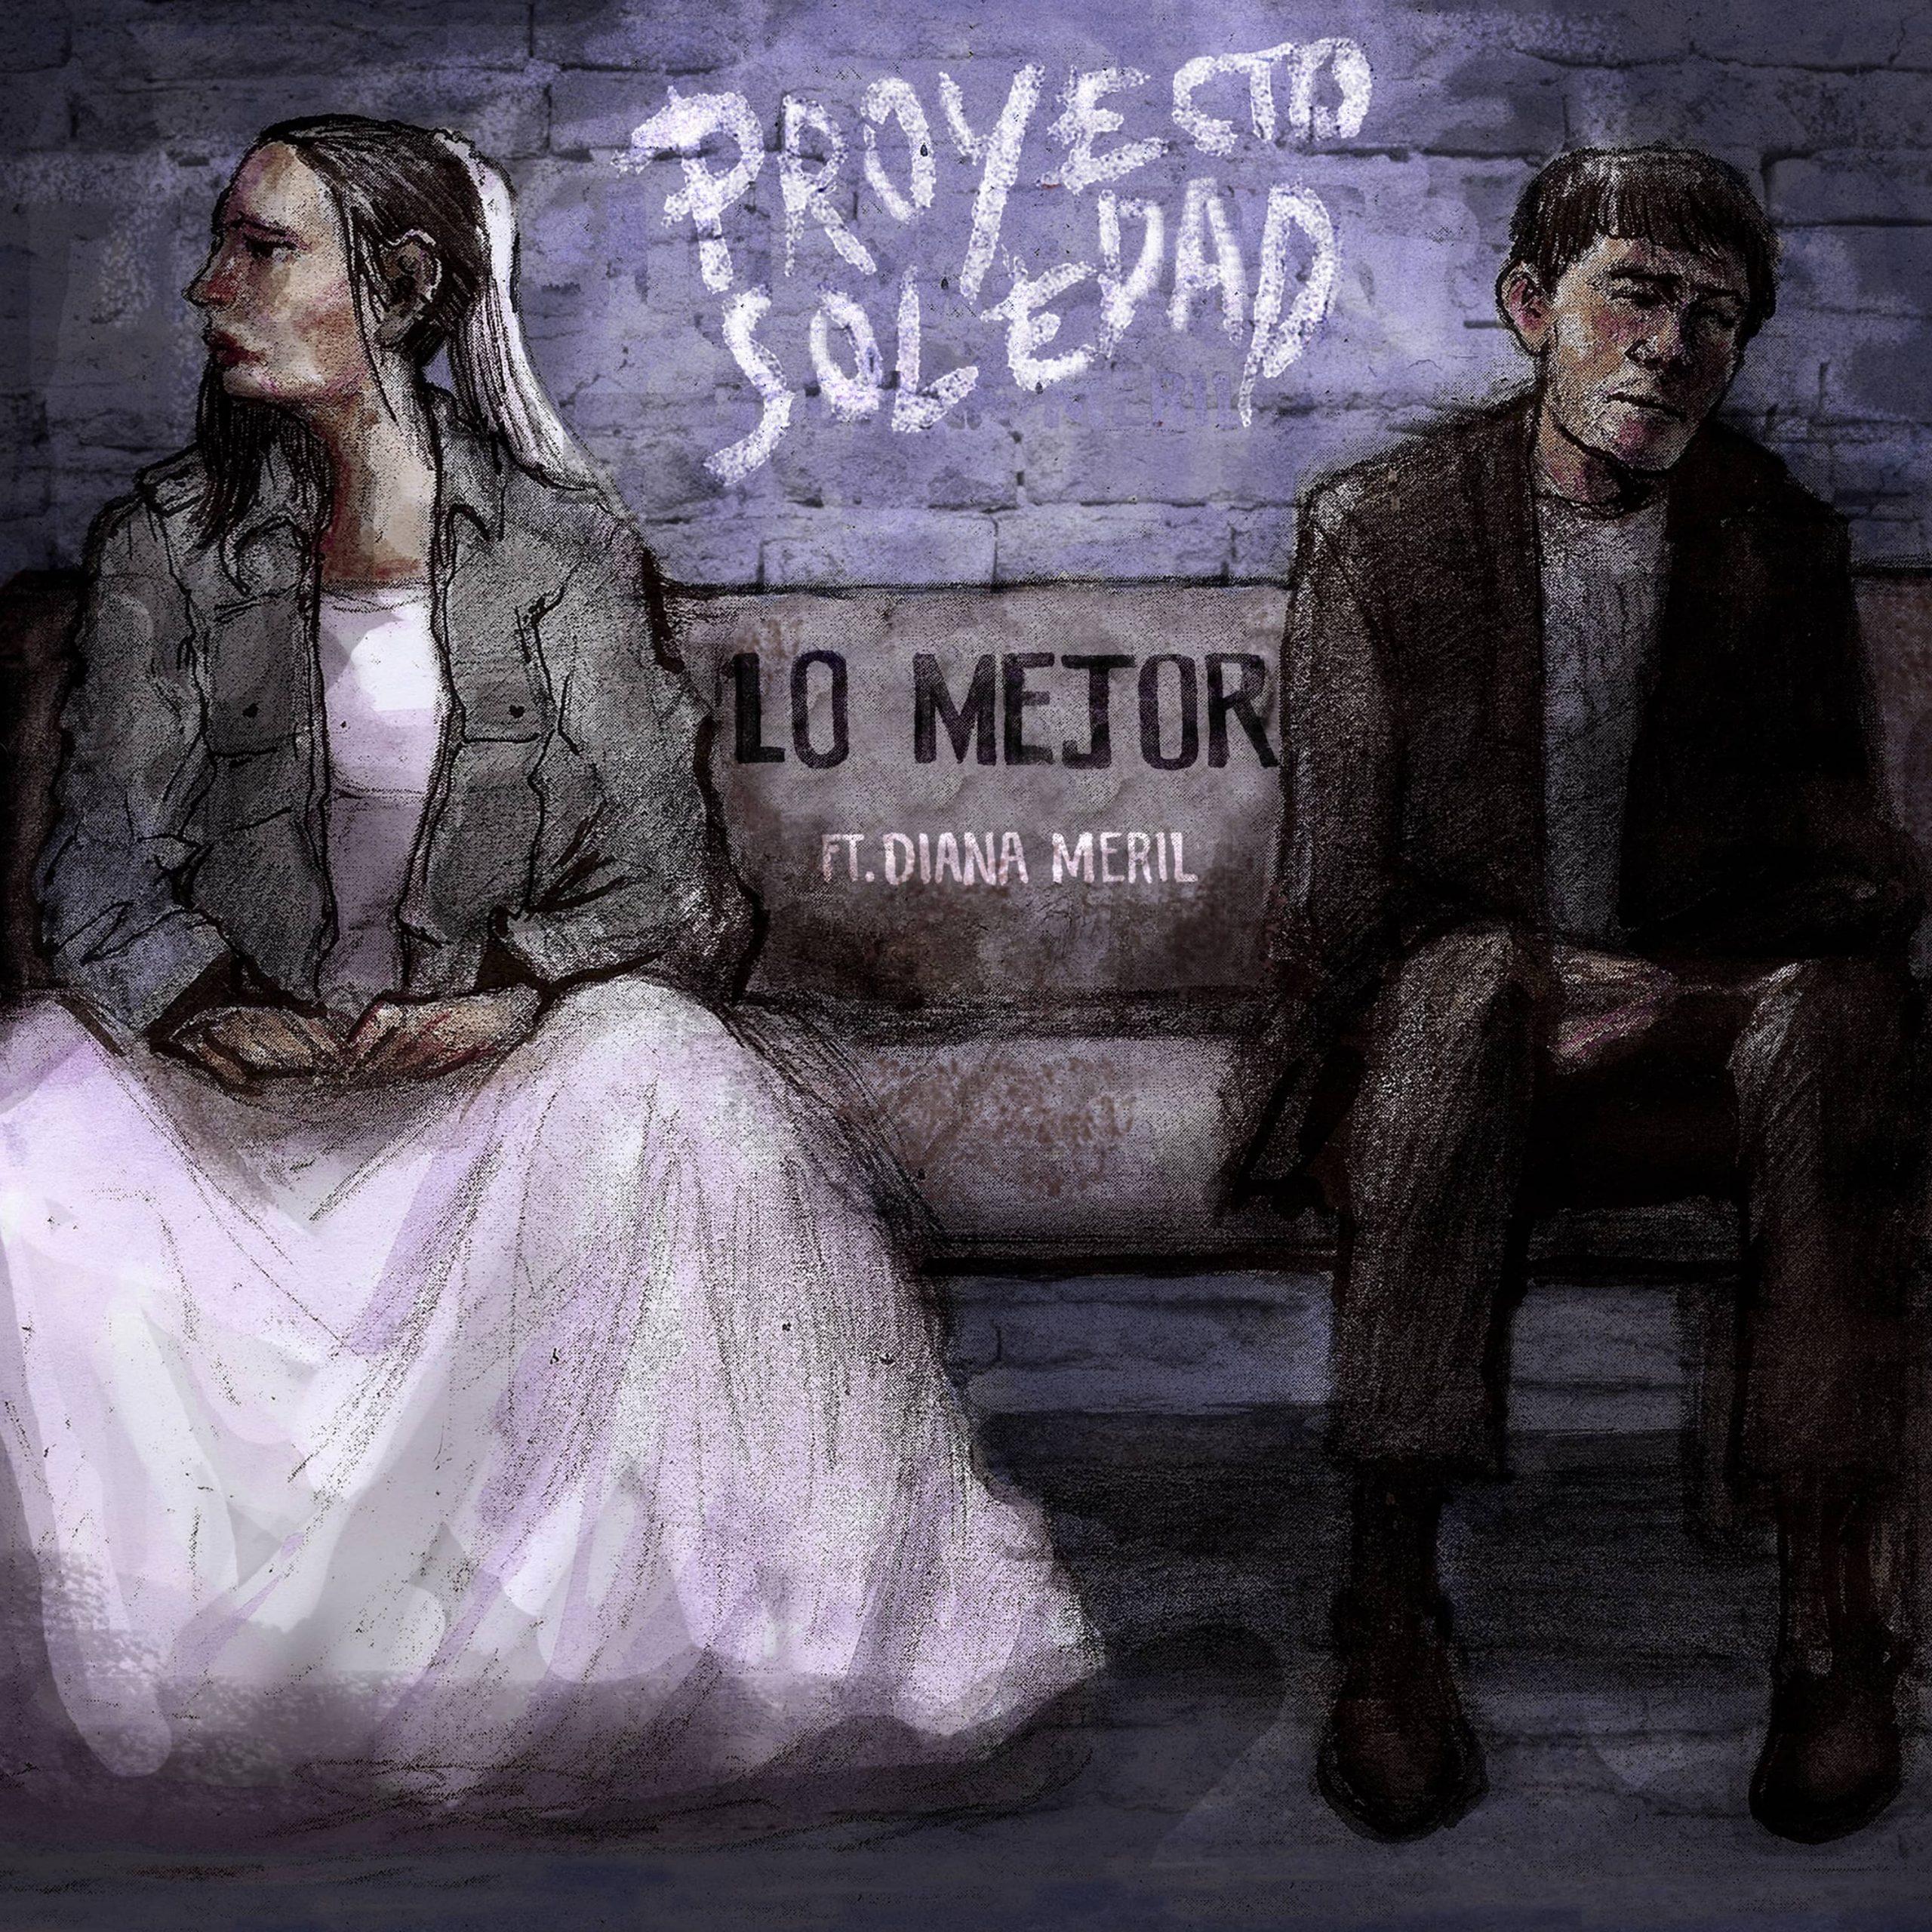 """Proyecto Soledad lanzó su nuevo sencillo """"Lo Mejor"""" Ft. Diana Meril"""